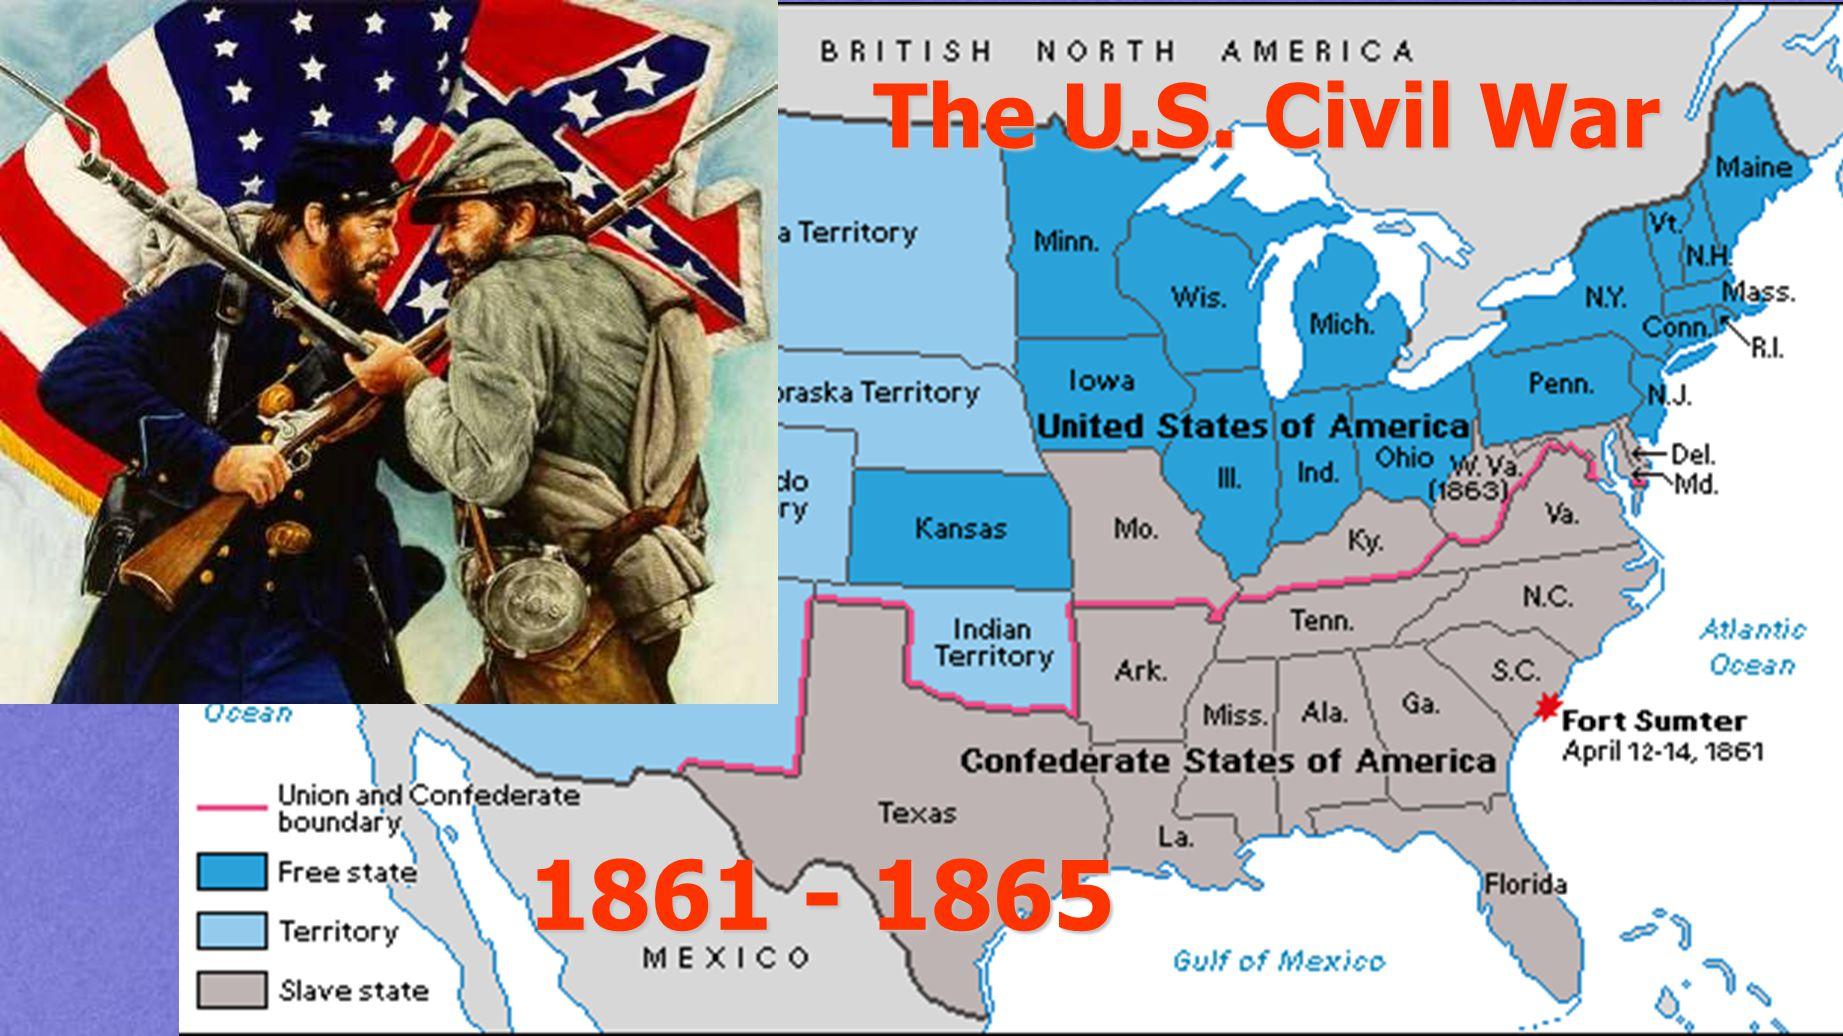 The U.S. Civil War 1861 - 1865